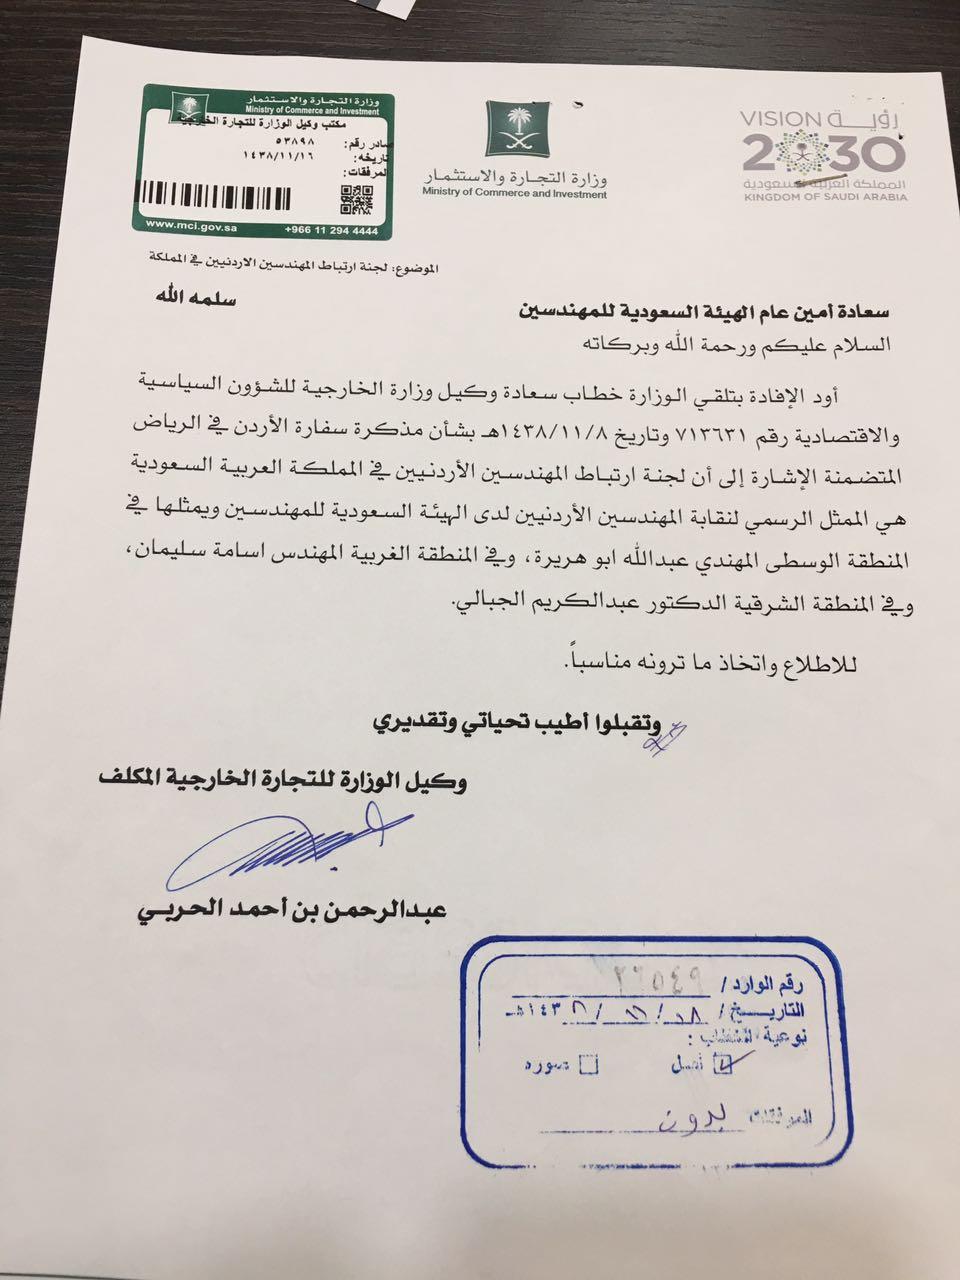 خطاب وزارة التجارة للهيئة باعتماد لجنة ارتباط